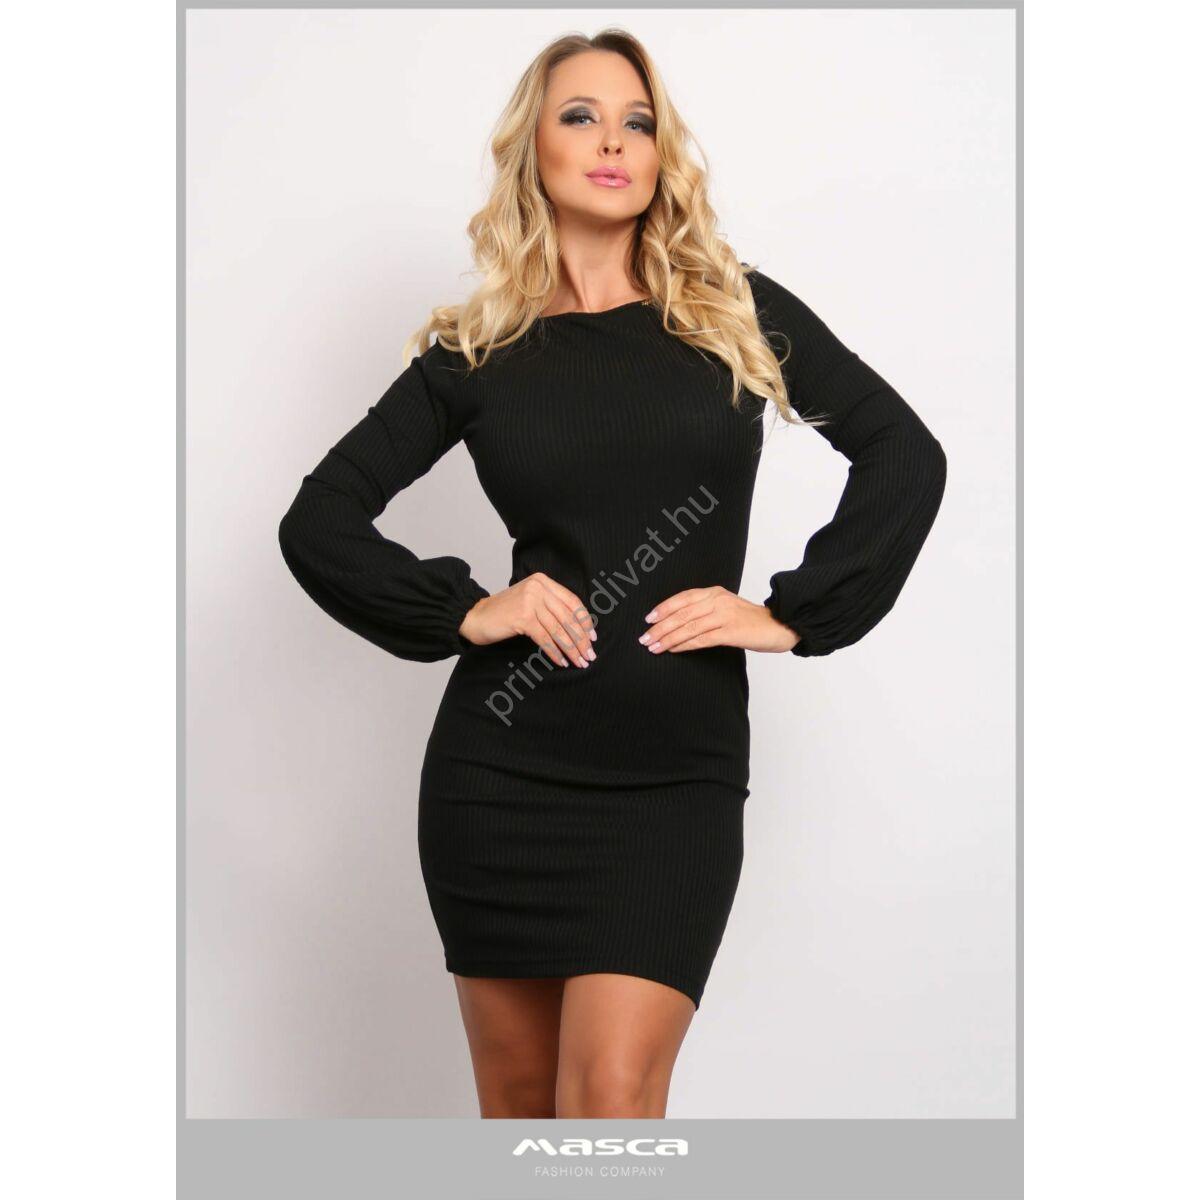 Masca Fashion csónaknyakú, buggyos hosszú ujjú fekete rugalmas, bordás kötött ruha